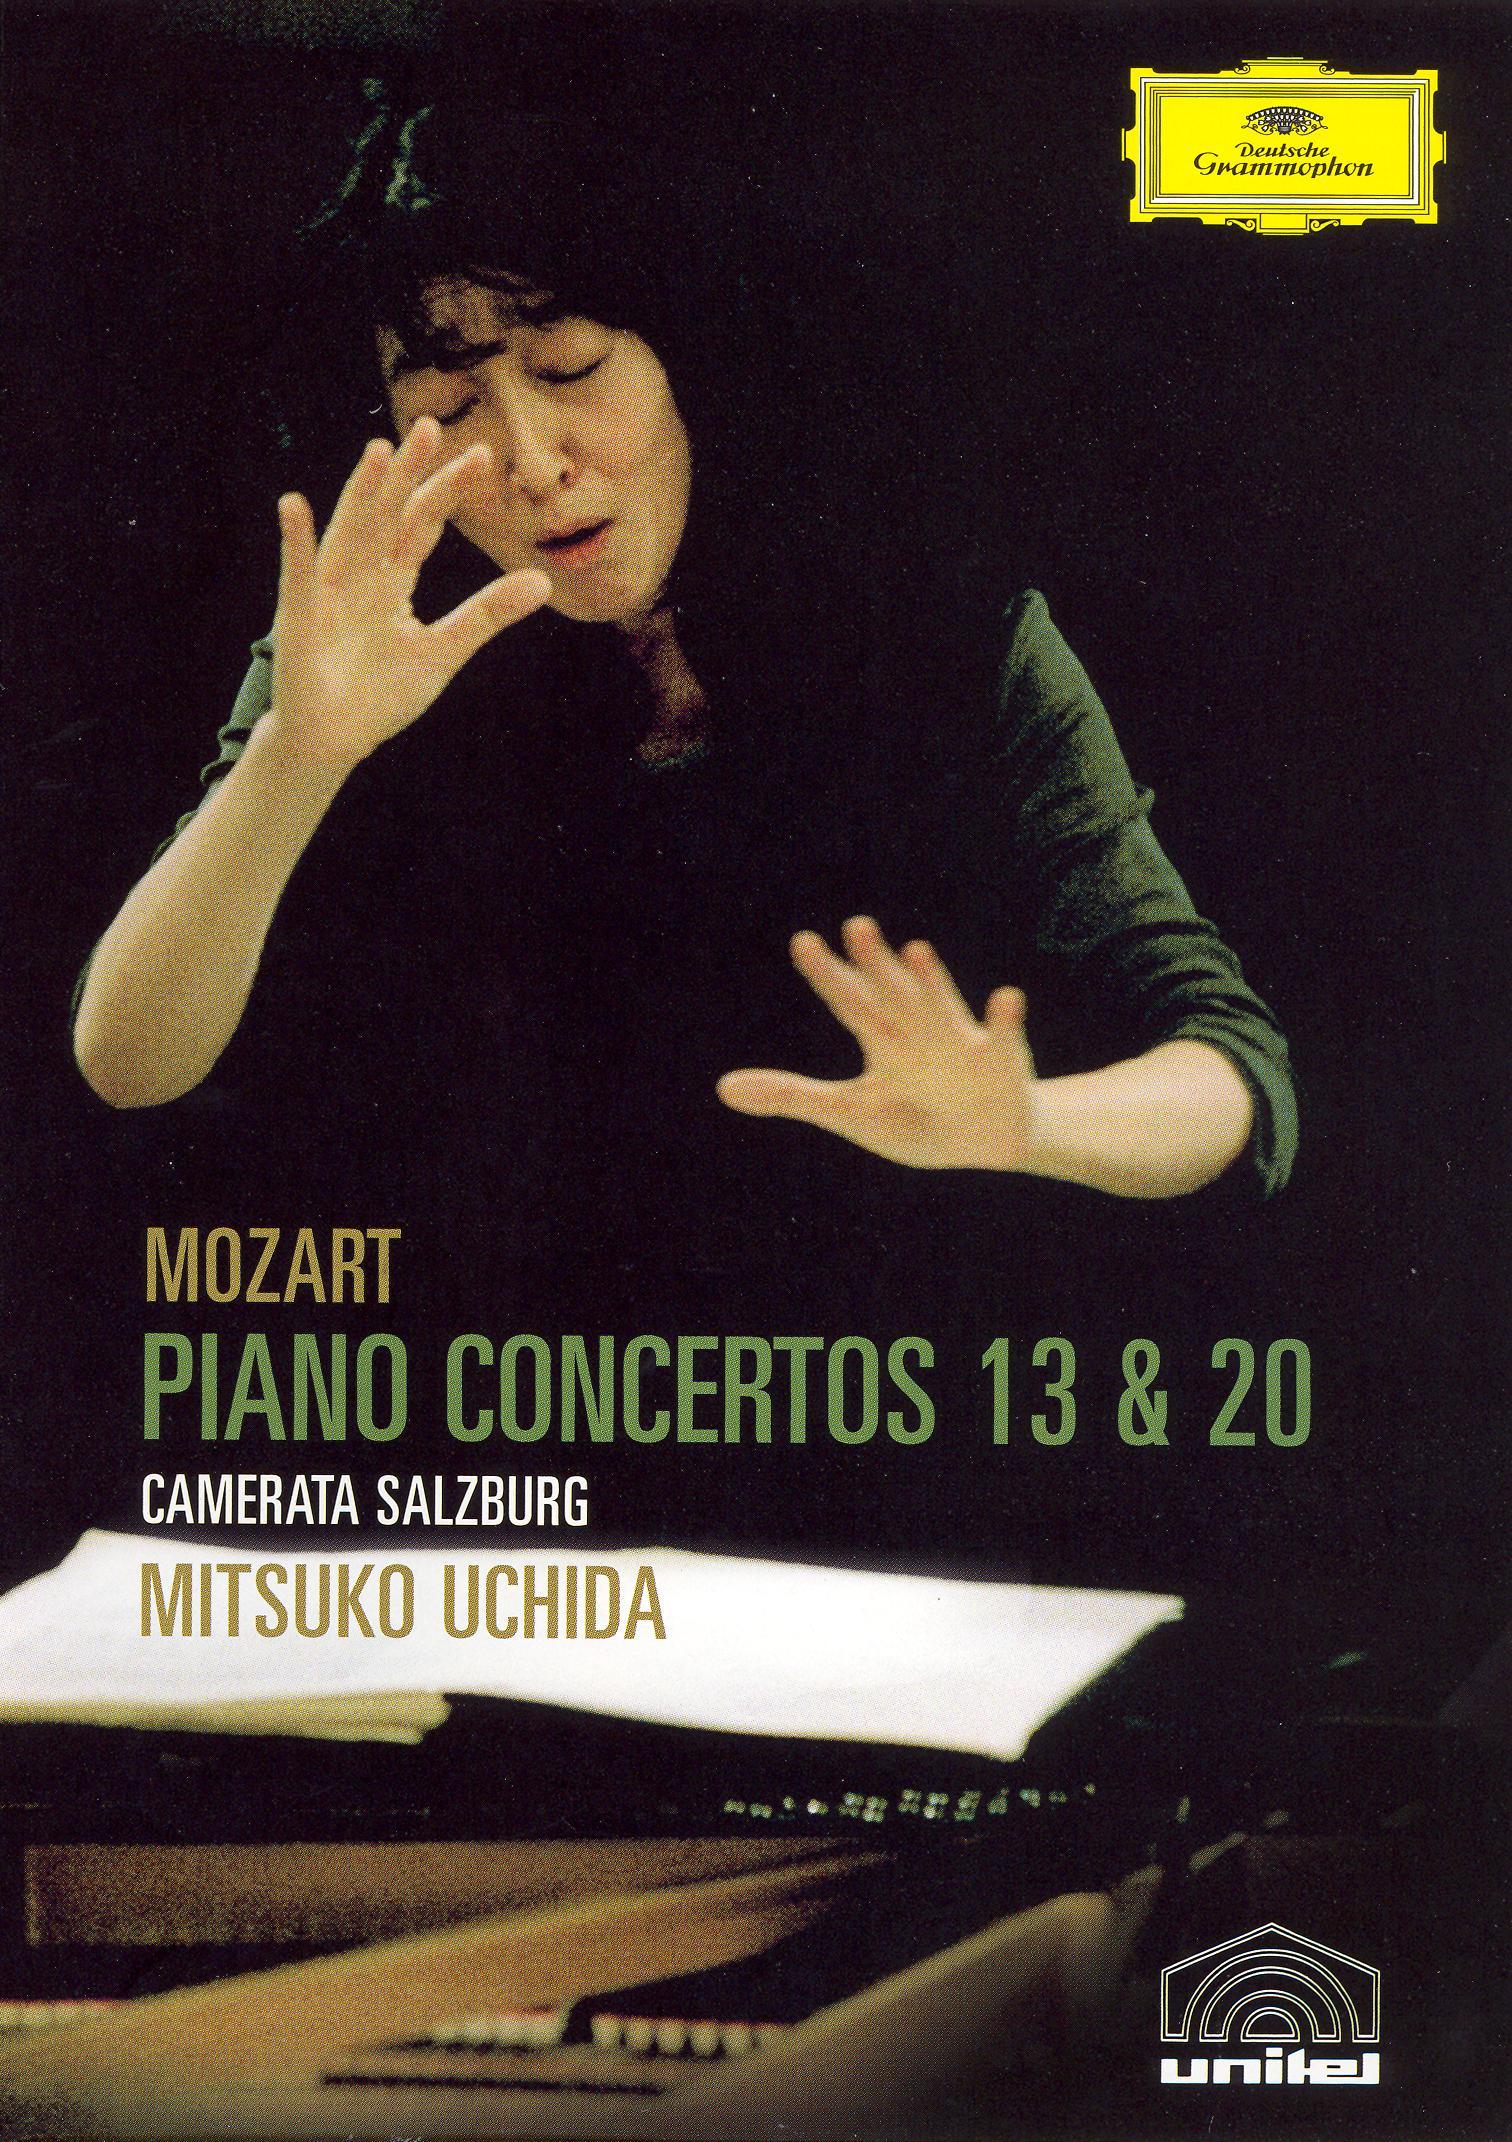 Mitsuko Uchida: Mozart Piano Concertos 13 & 20